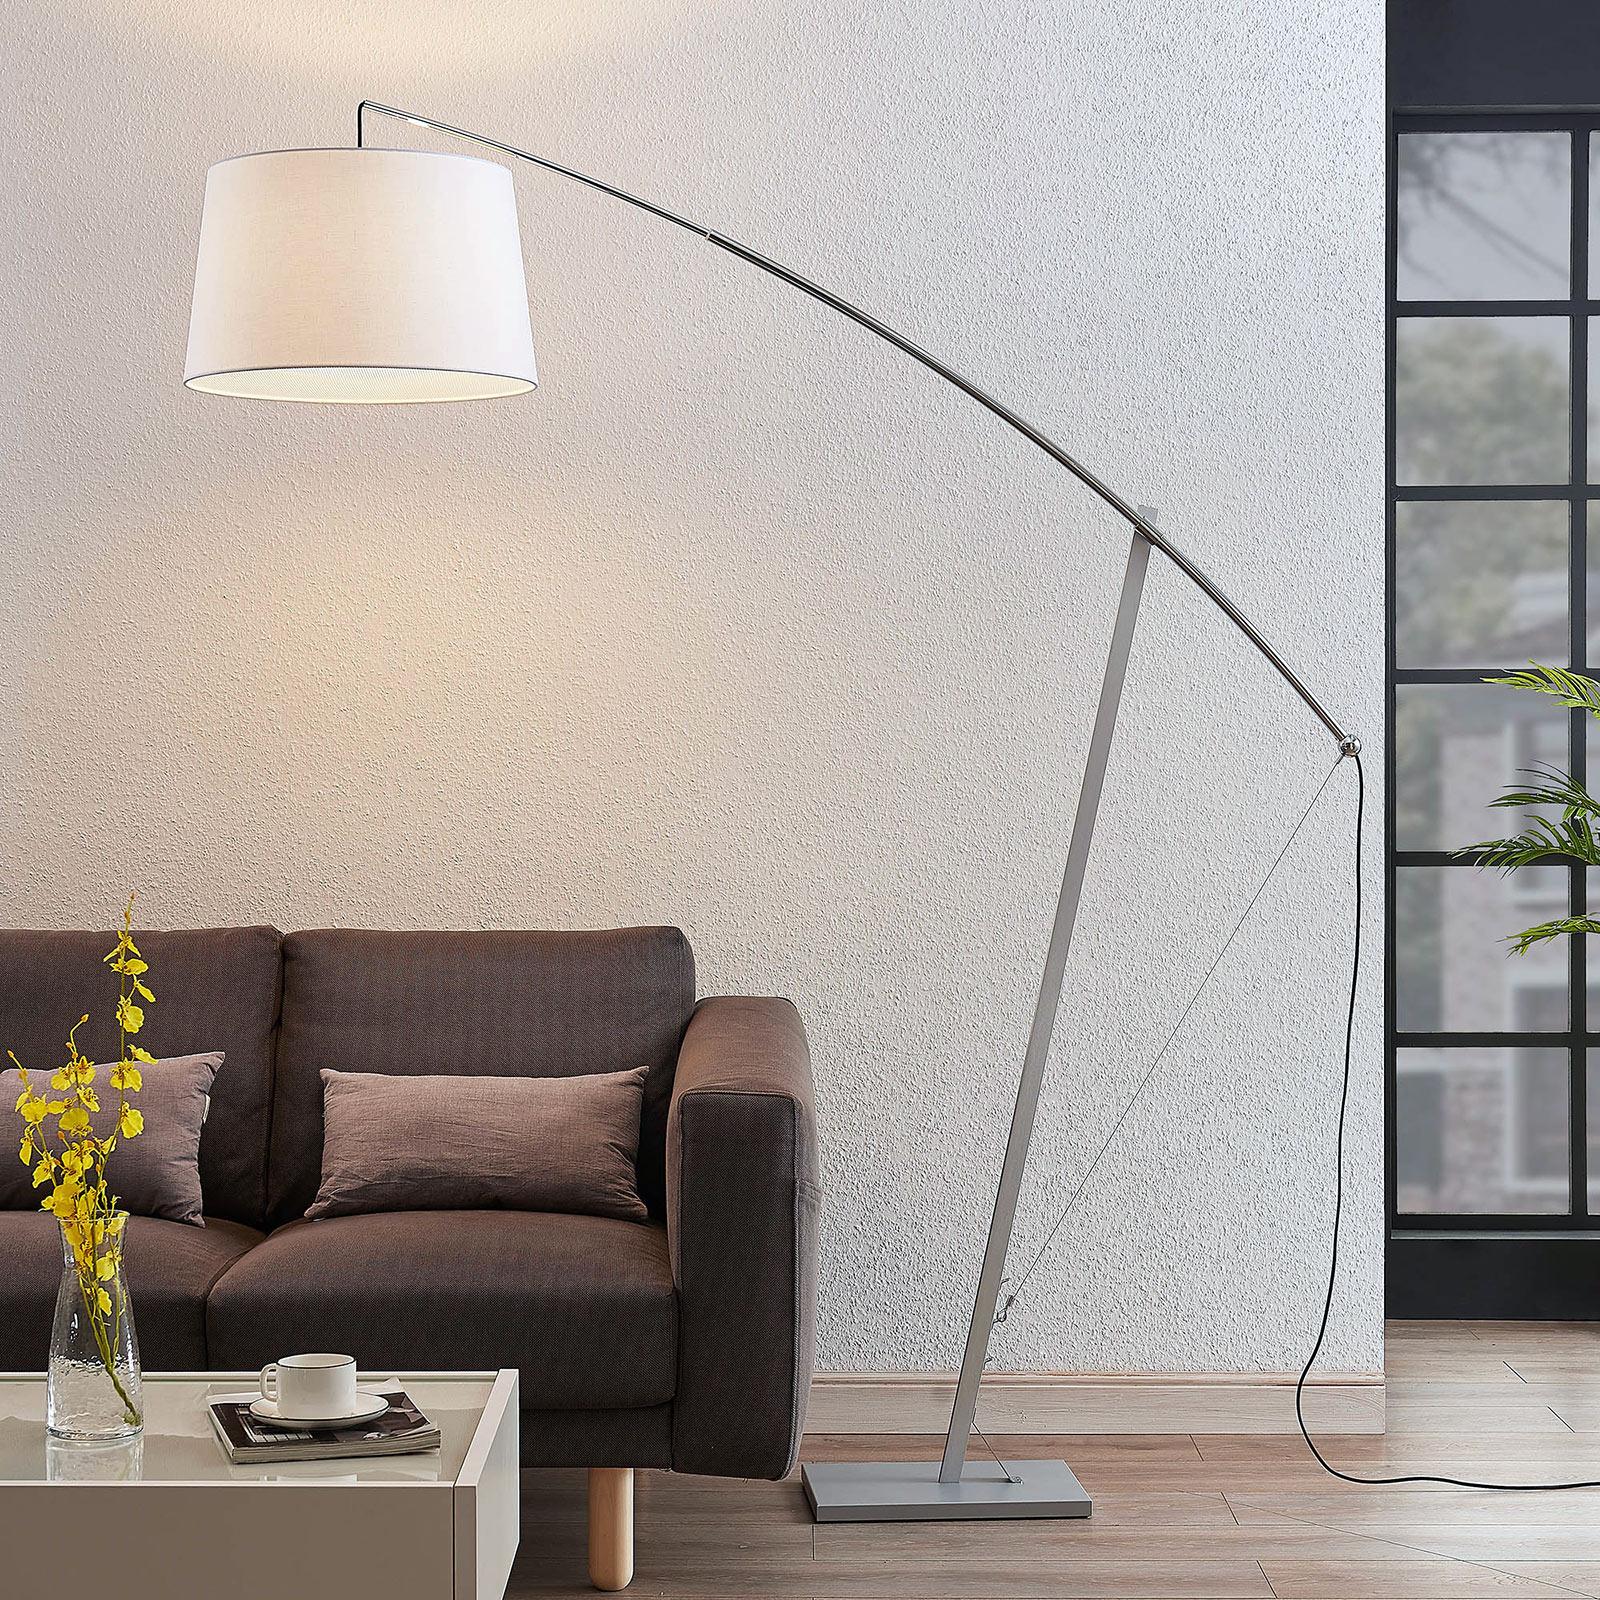 Łukowa lampa stojąca Nevika, biały klosz tekstylny